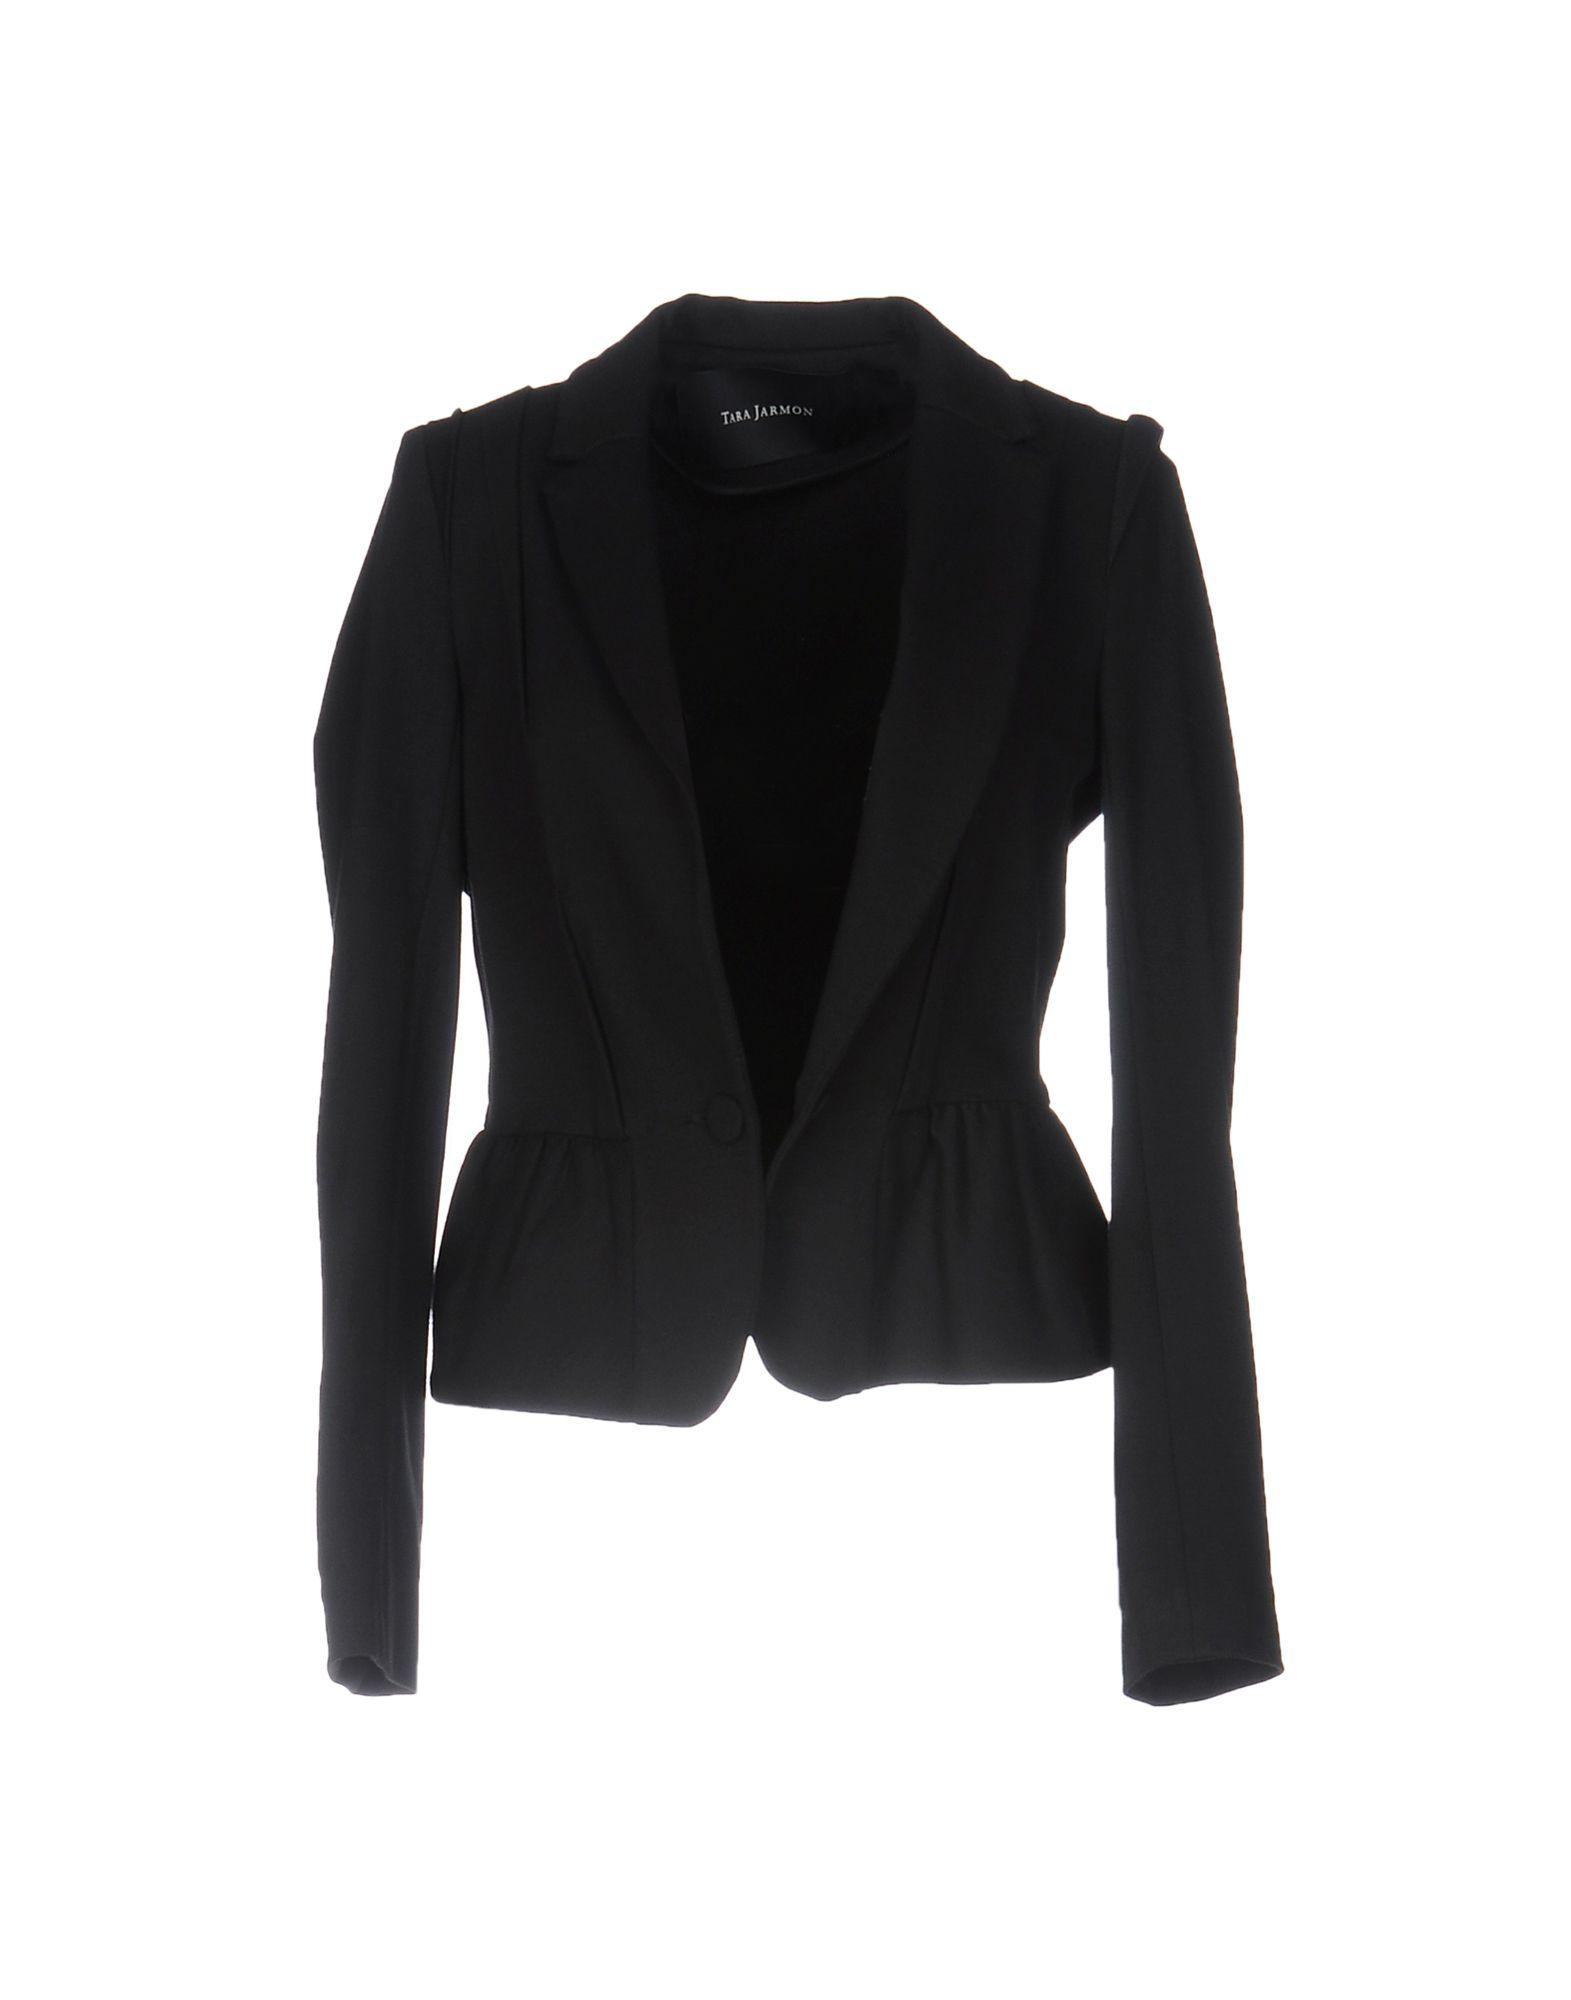 TARA JARMON Damen Jackett Farbe Schwarz Größe 6 - broschei